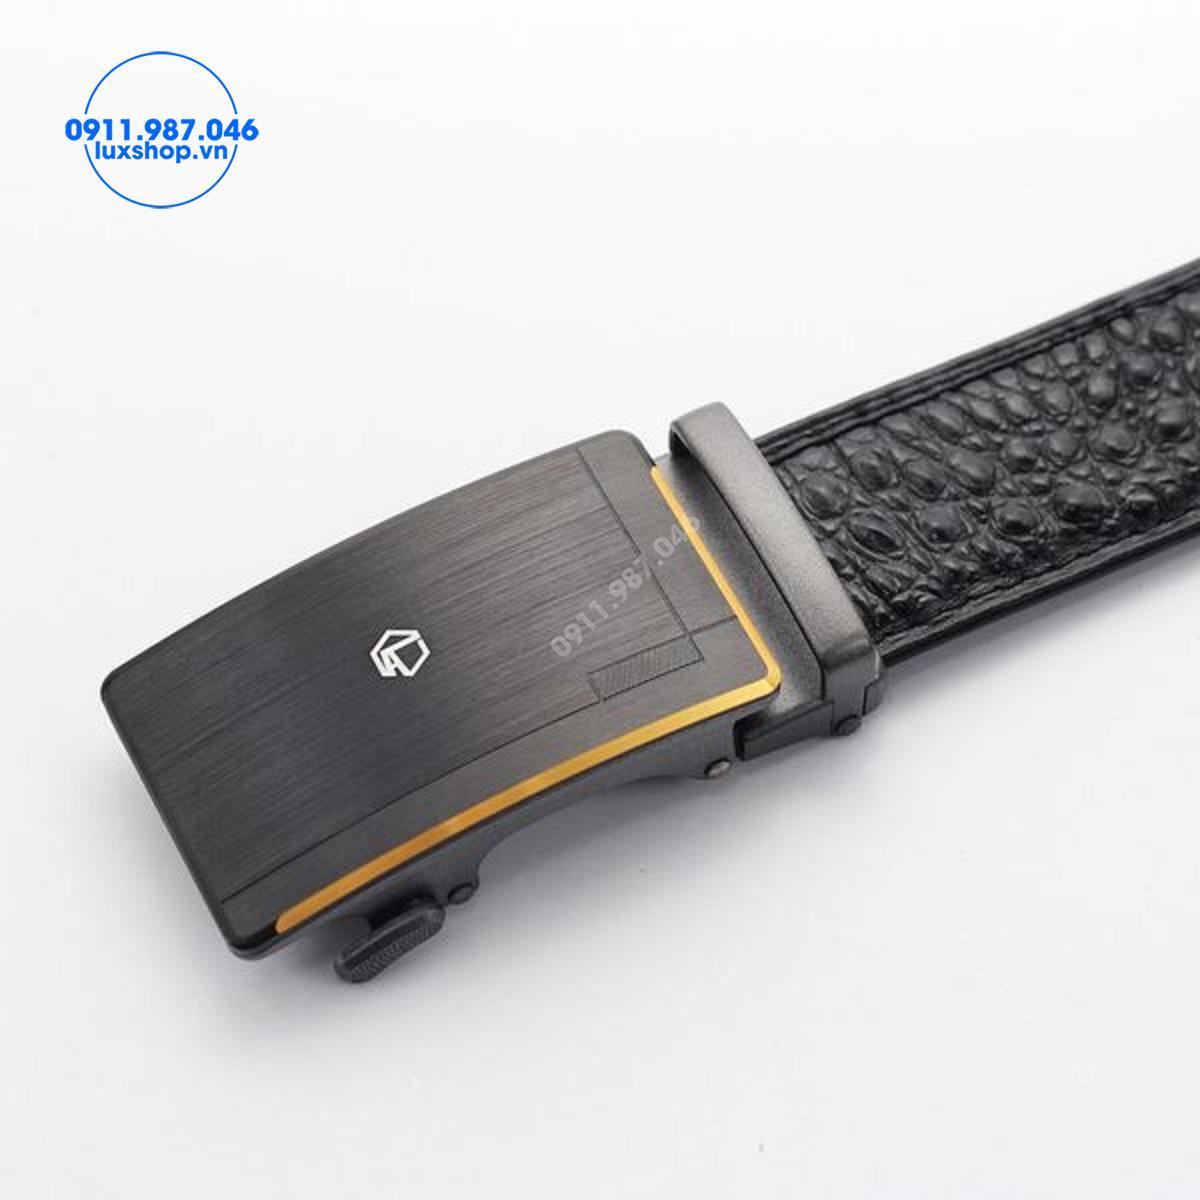 Thắt lưng nam da bò vân cá sấu khóa tự động đầu hợp kim cao cấp (3.5cm x 115 - 125cm) - L101975